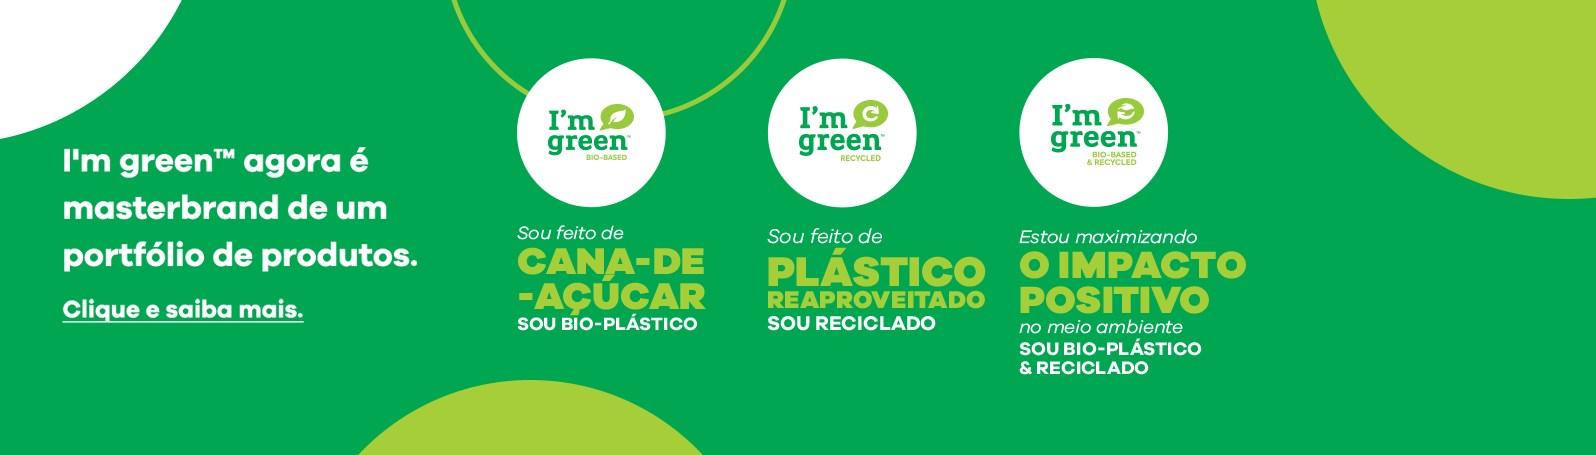 Braskem amplia o seu portfólio de produtos I'm greenTM